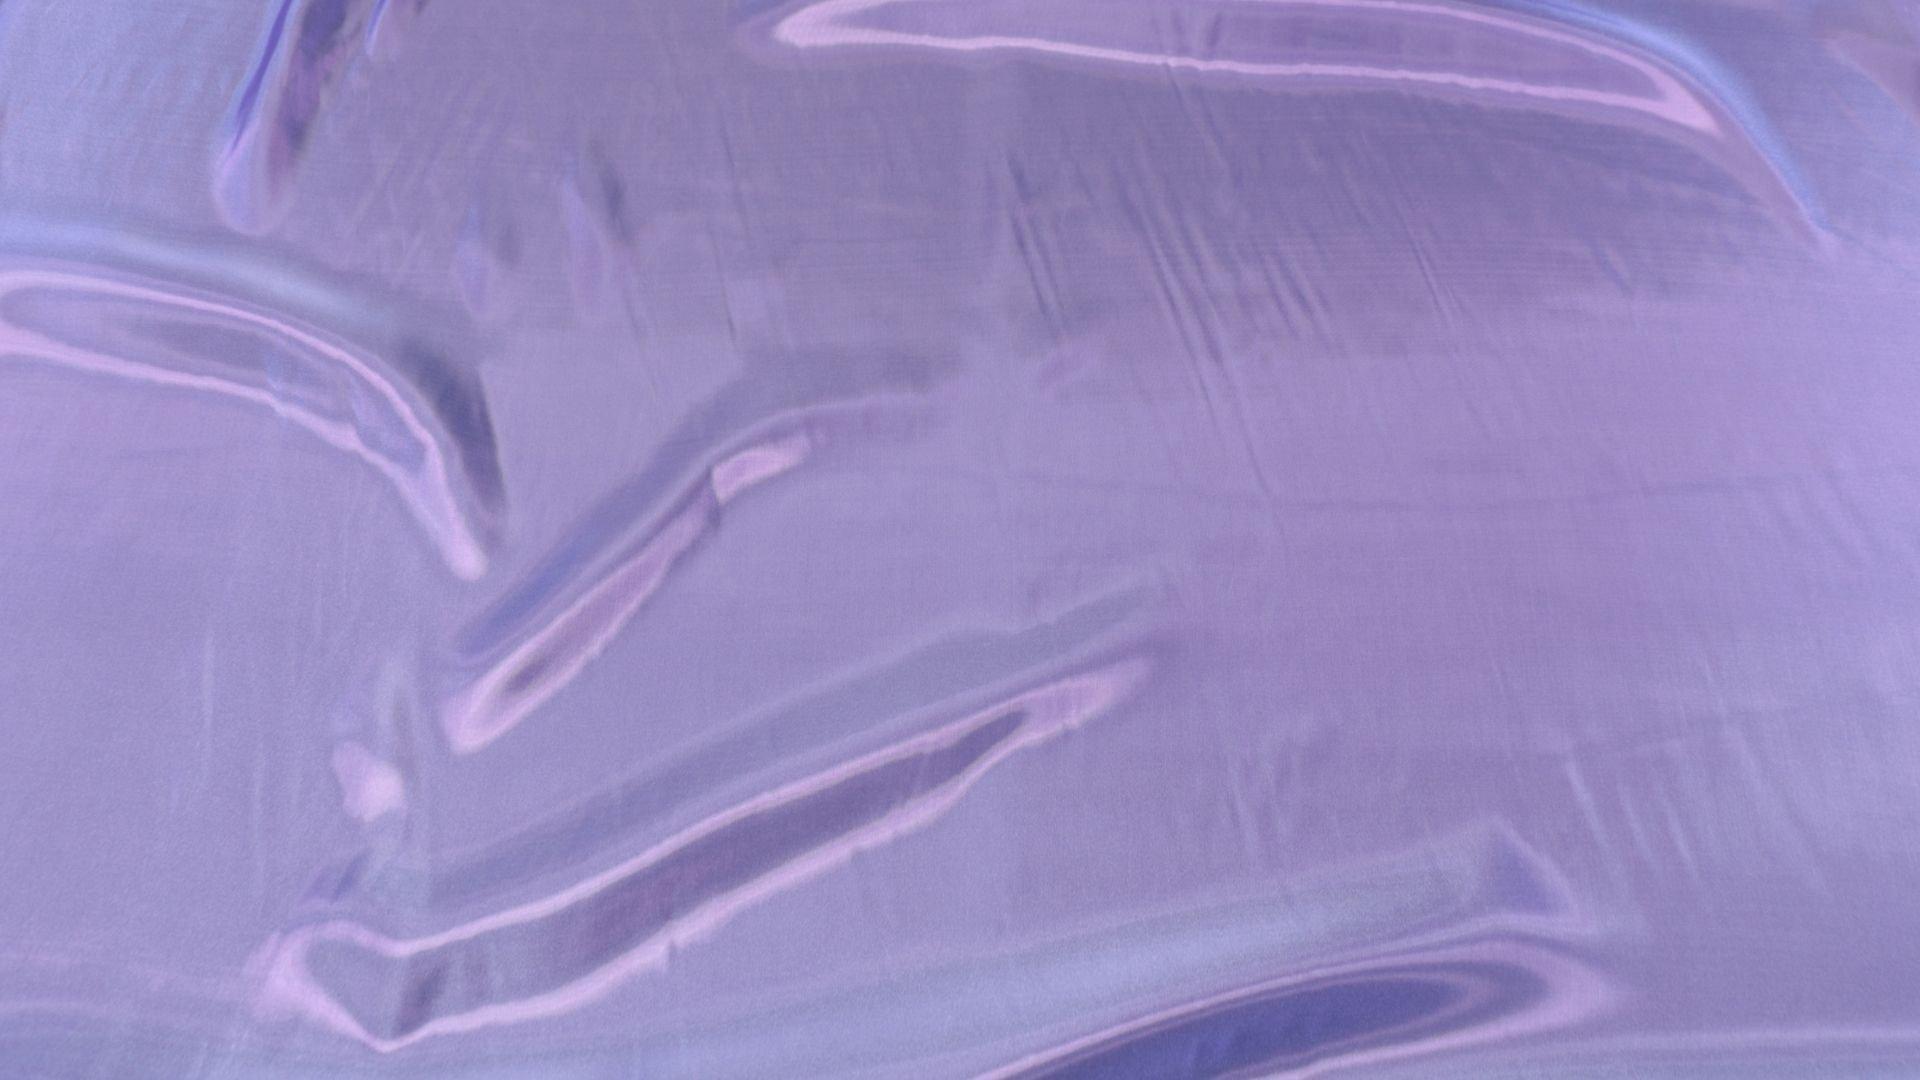 il particolare del tessuto iride6028, appartenente alla categoria uniti serici, di Leadford & Logan